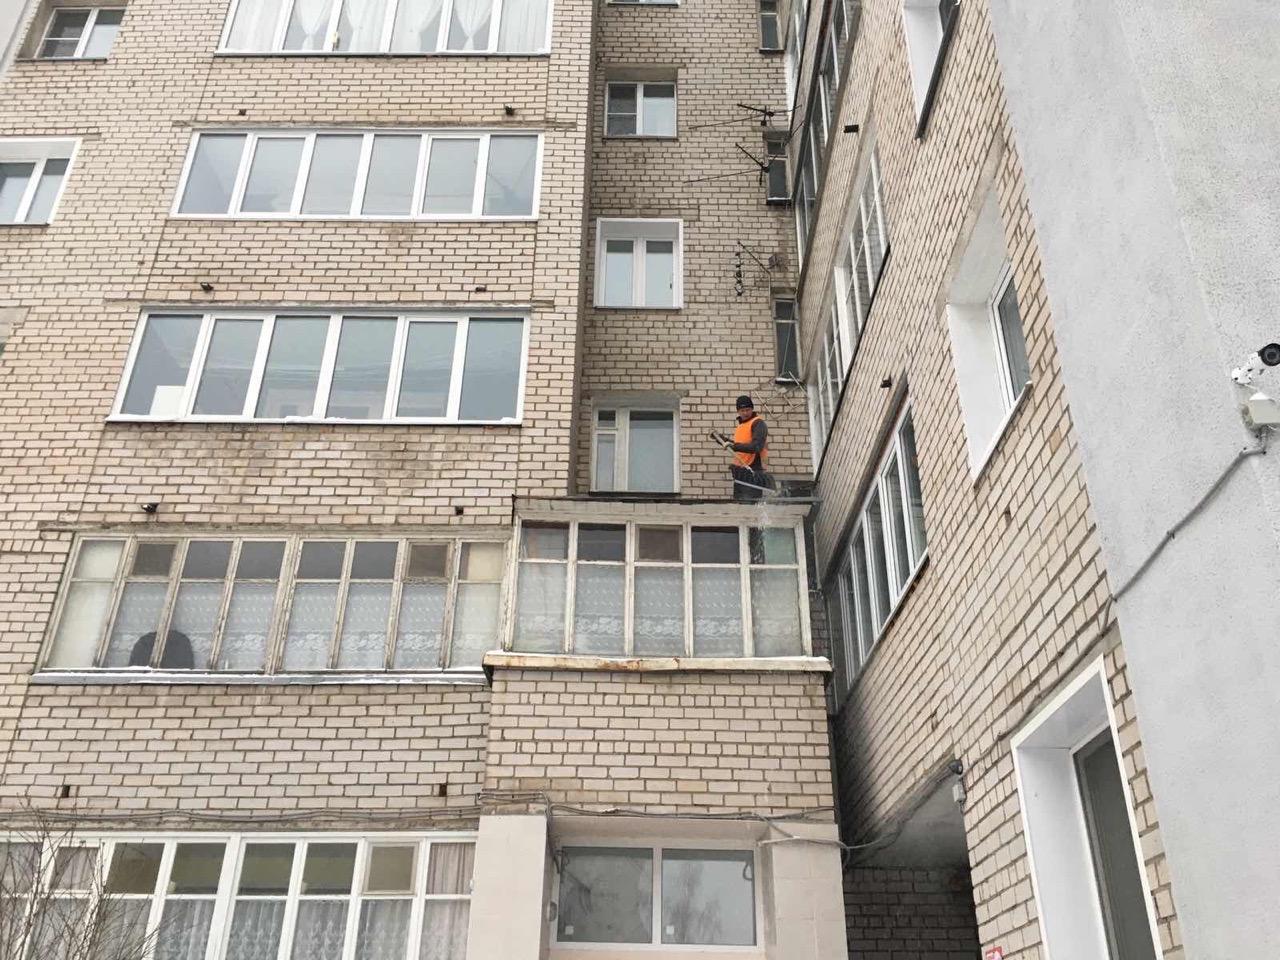 Улица Ломоносова дом 18 чистка козырьков